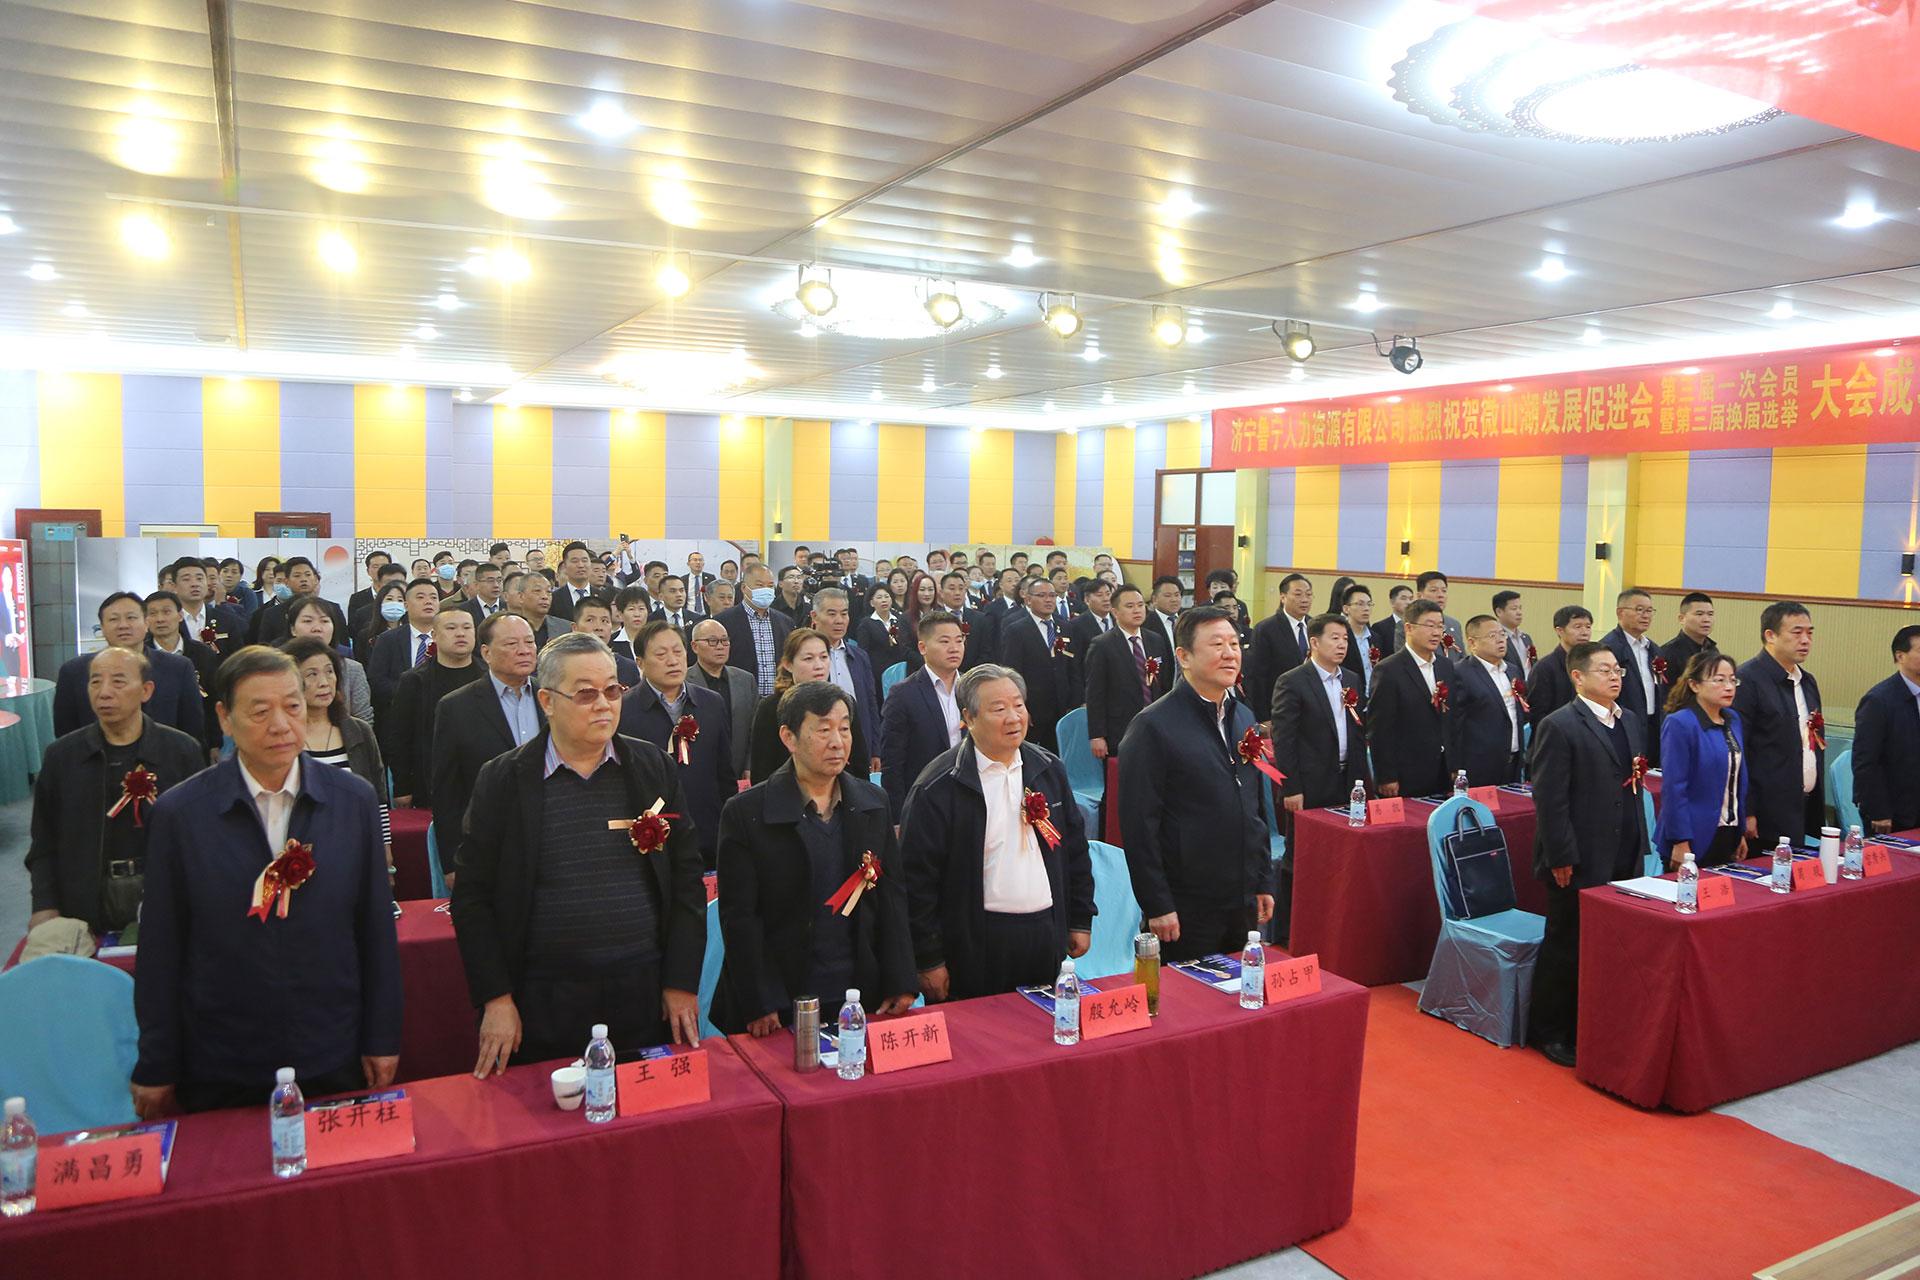 集團應邀參加濟寧市微山湖發展促進會第三屆一次會員代表大會